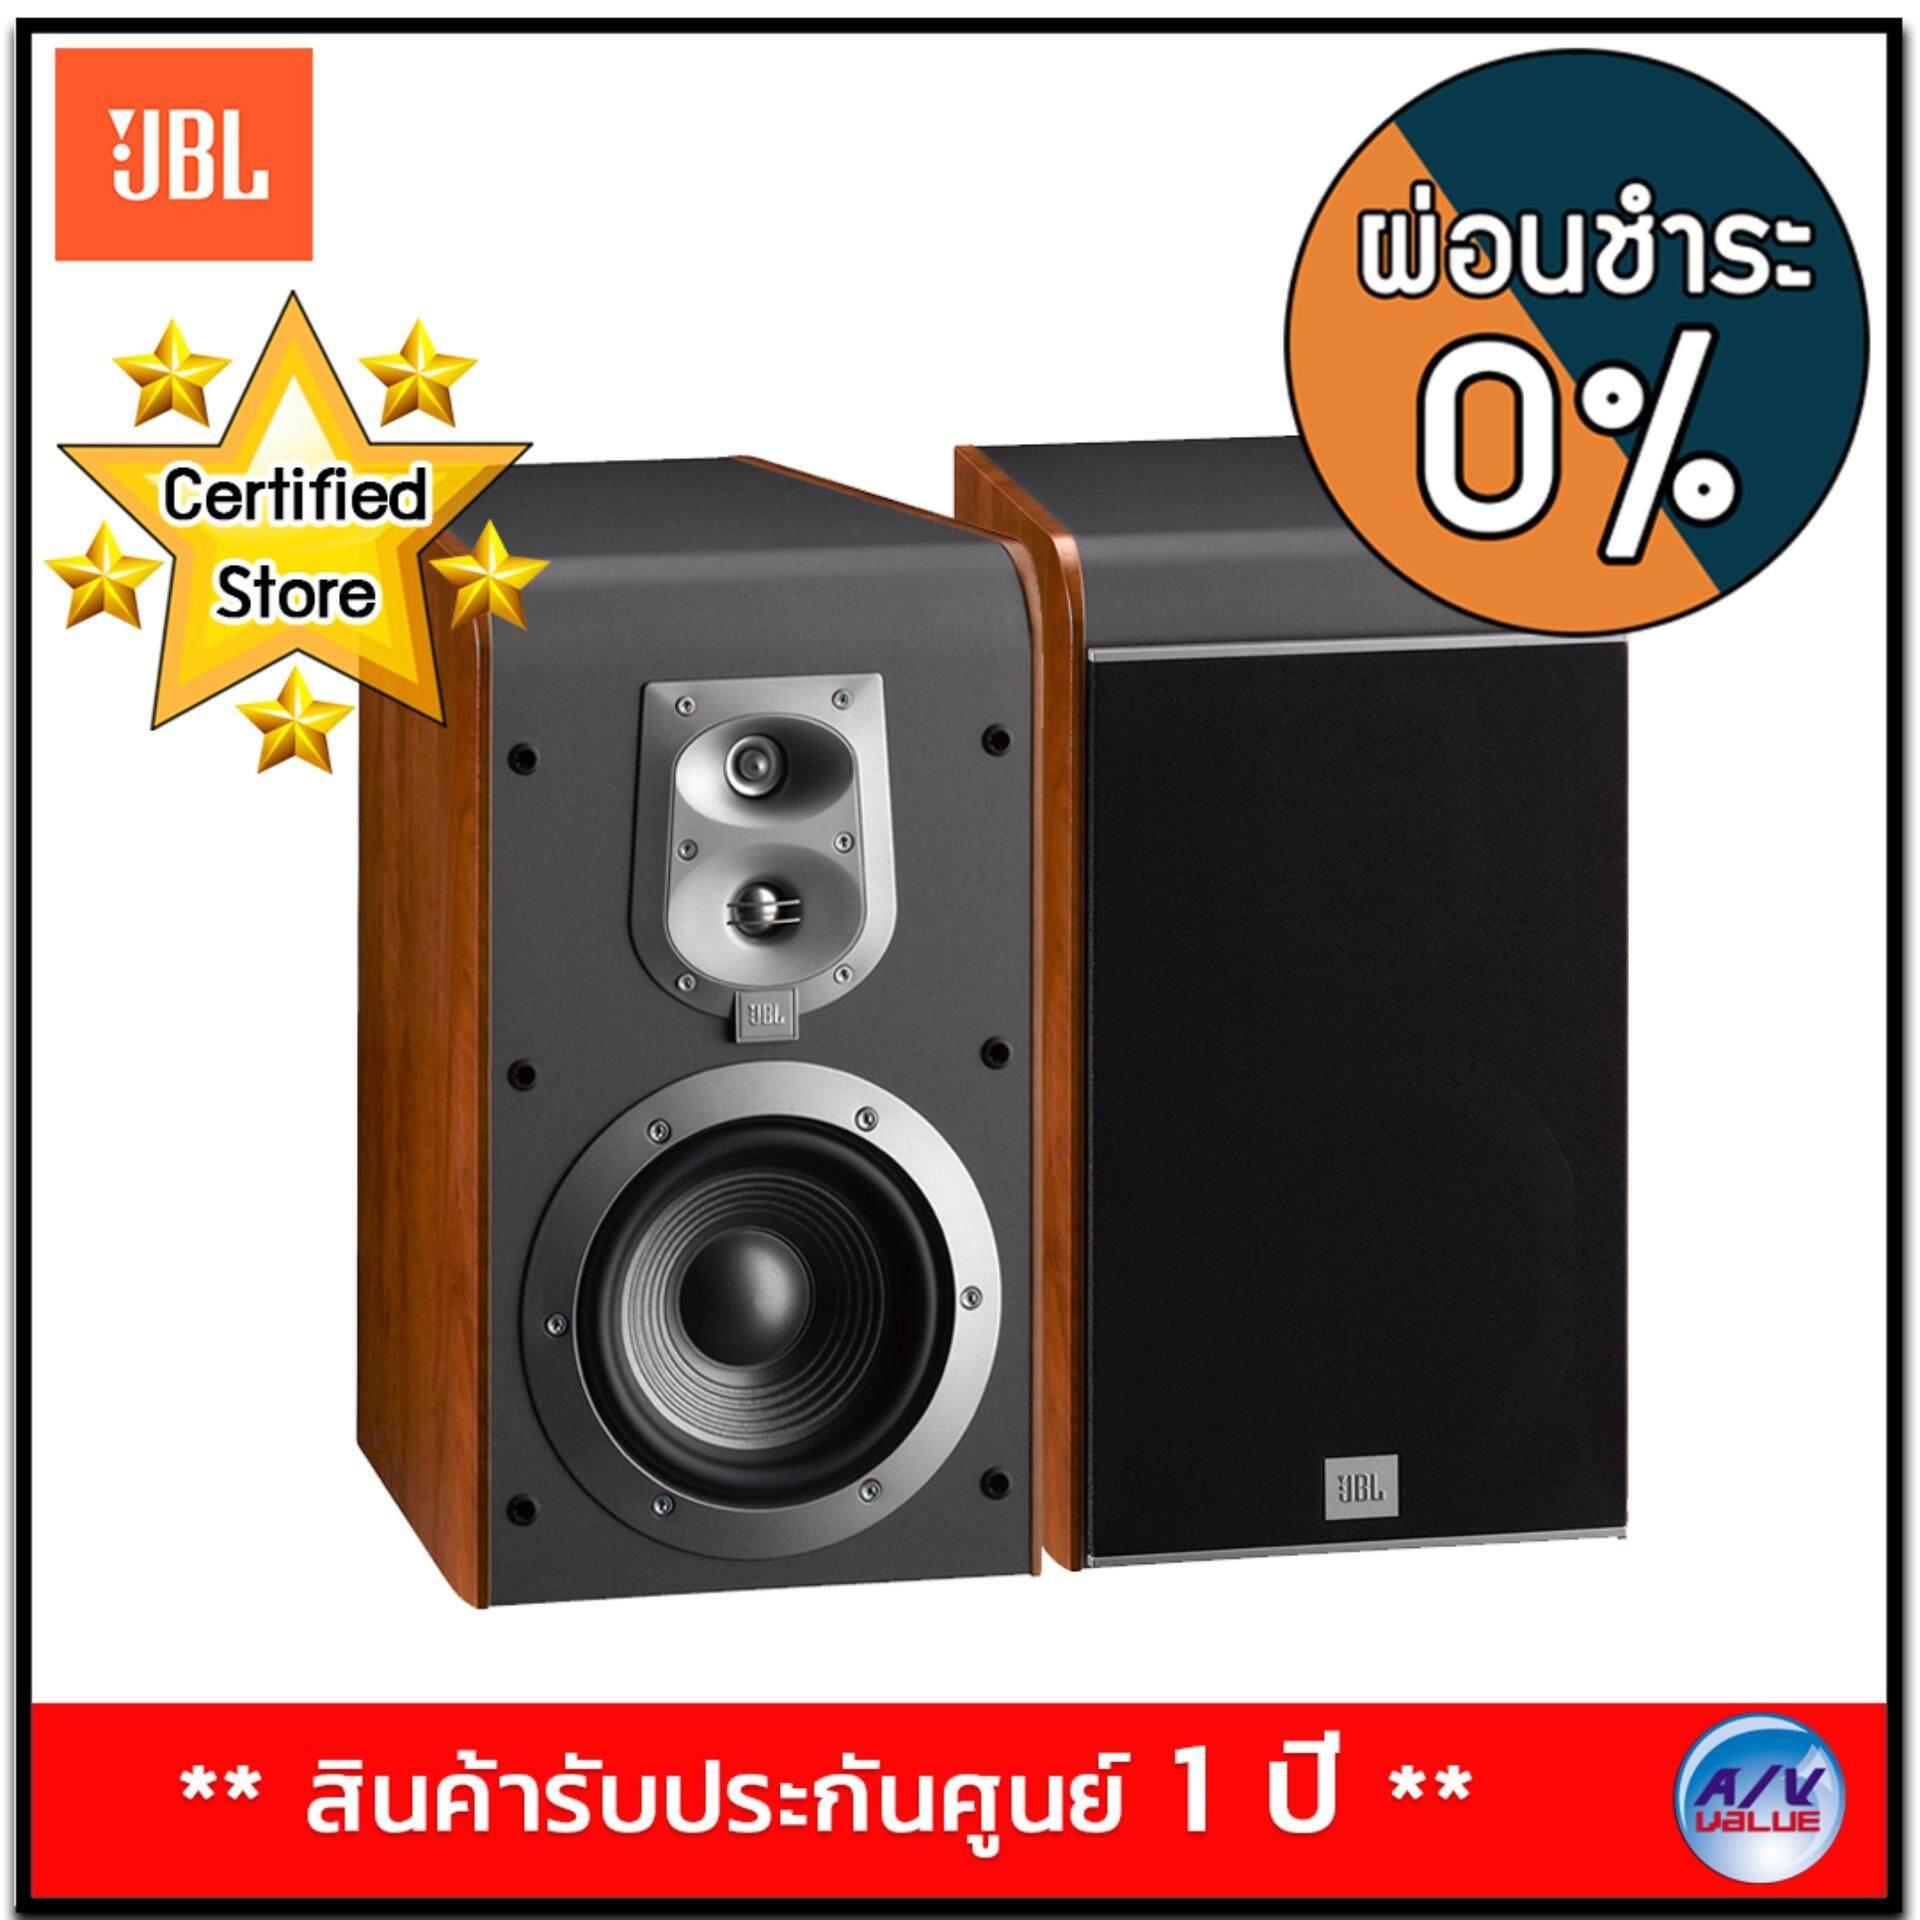 สอนใช้งาน  กาญจนบุรี JBL ES30CH 3-Way  6 1/2 Bookshelf Speaker - Cherry